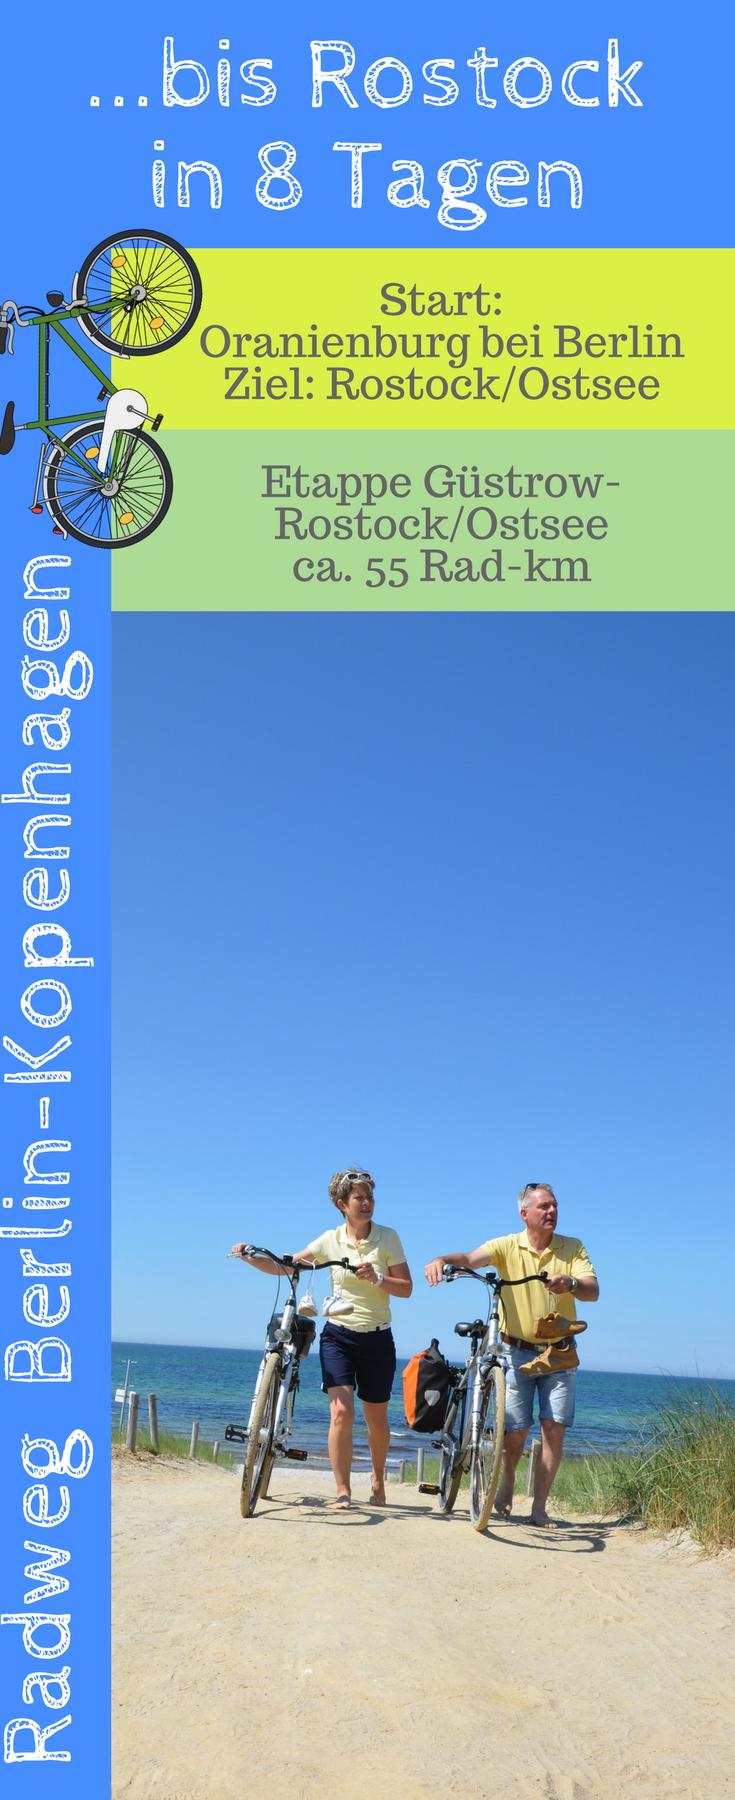 Die Letzte Etappe Auf Der Radroute Berlin Rostock Fuhrt Von Der